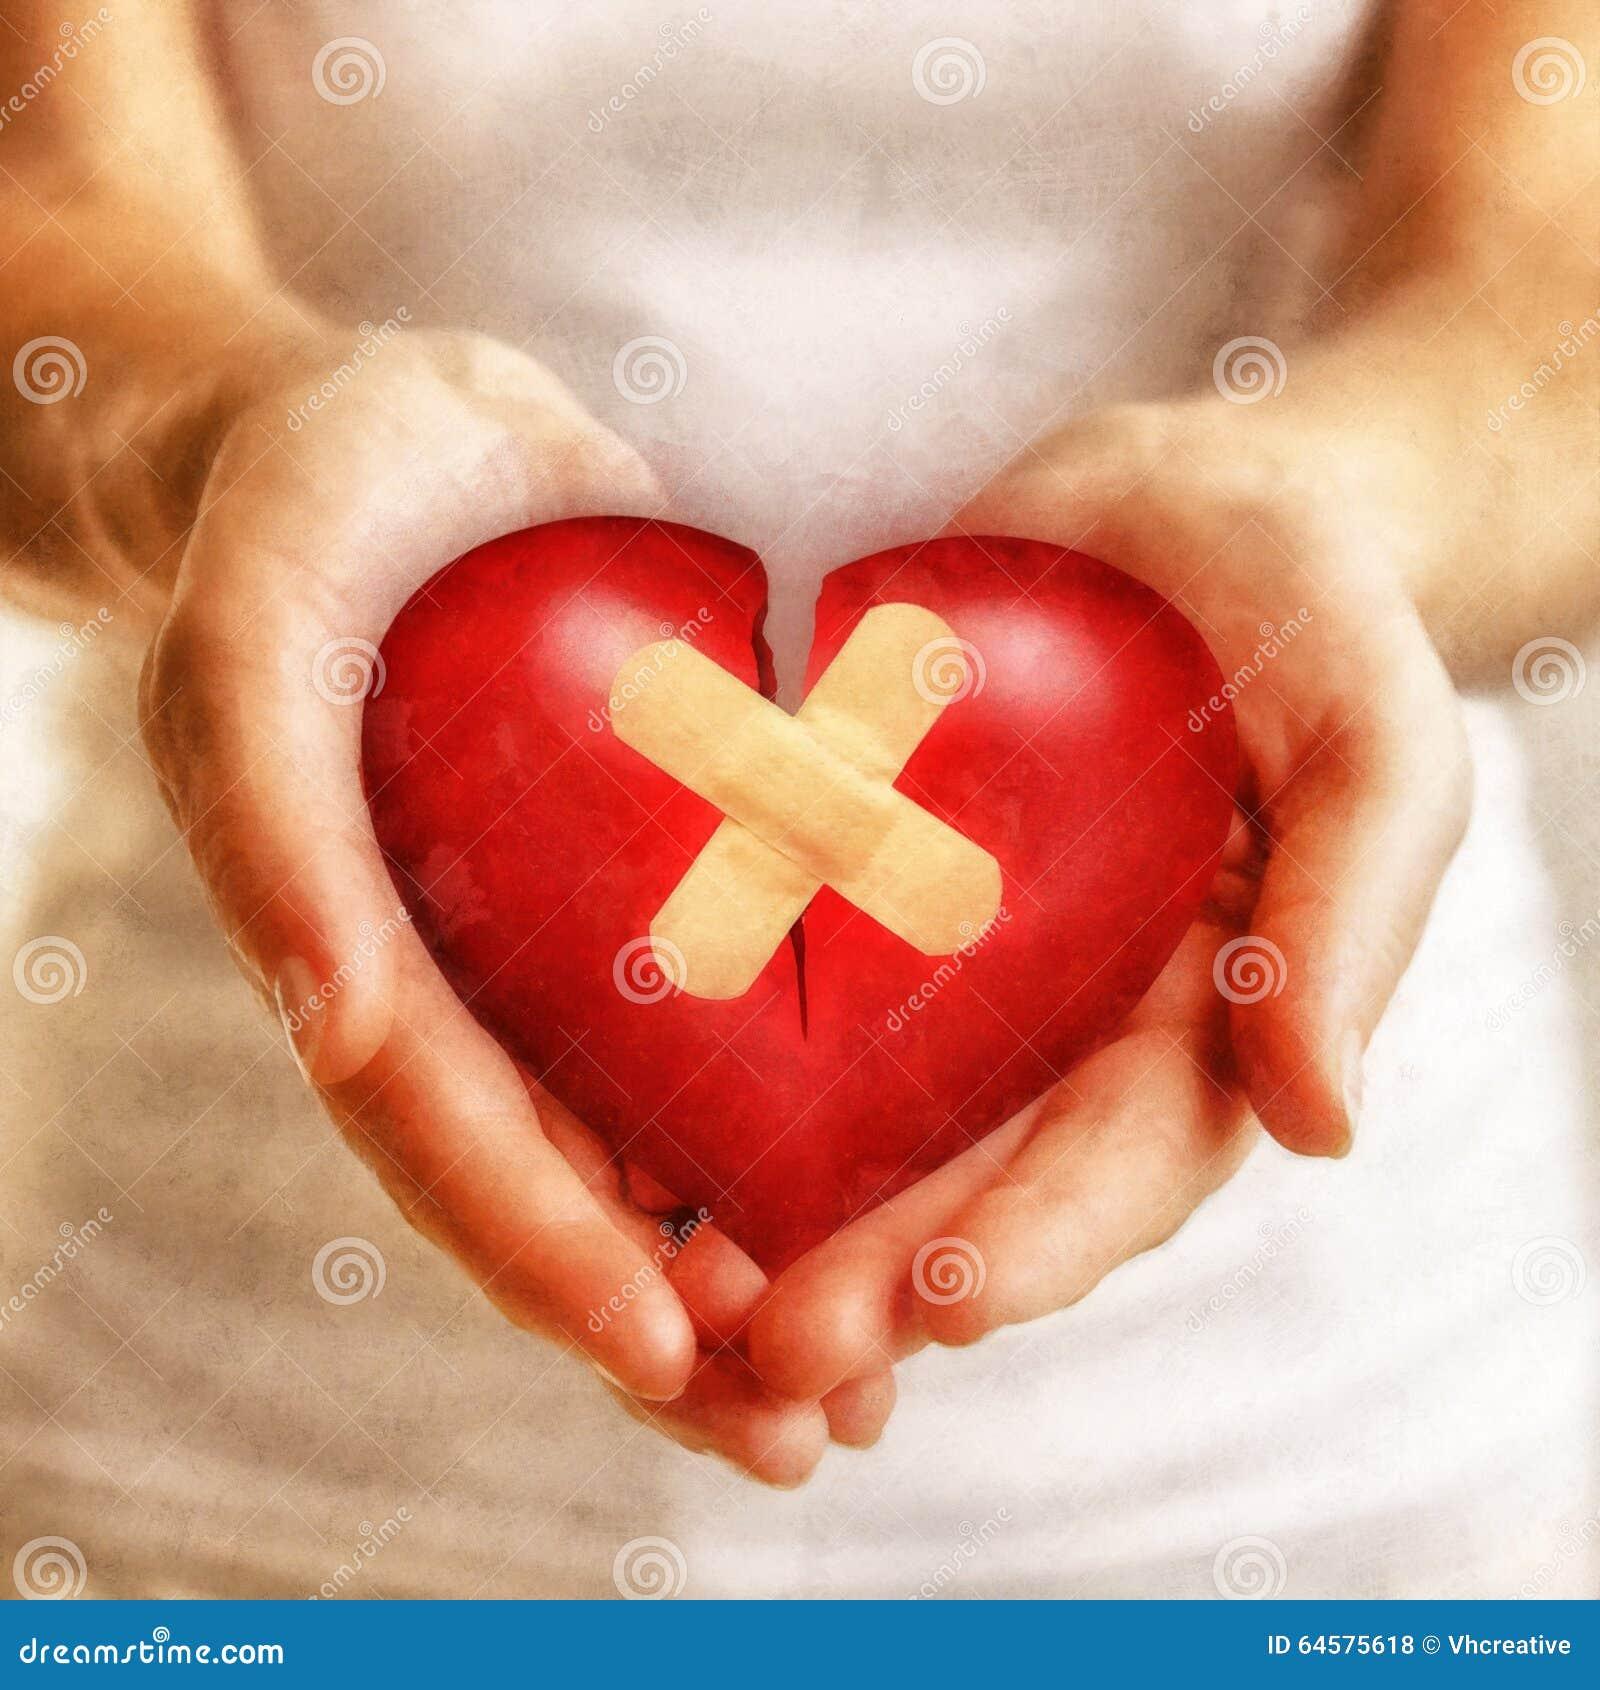 La gentilezza guarisce un cuore rotto